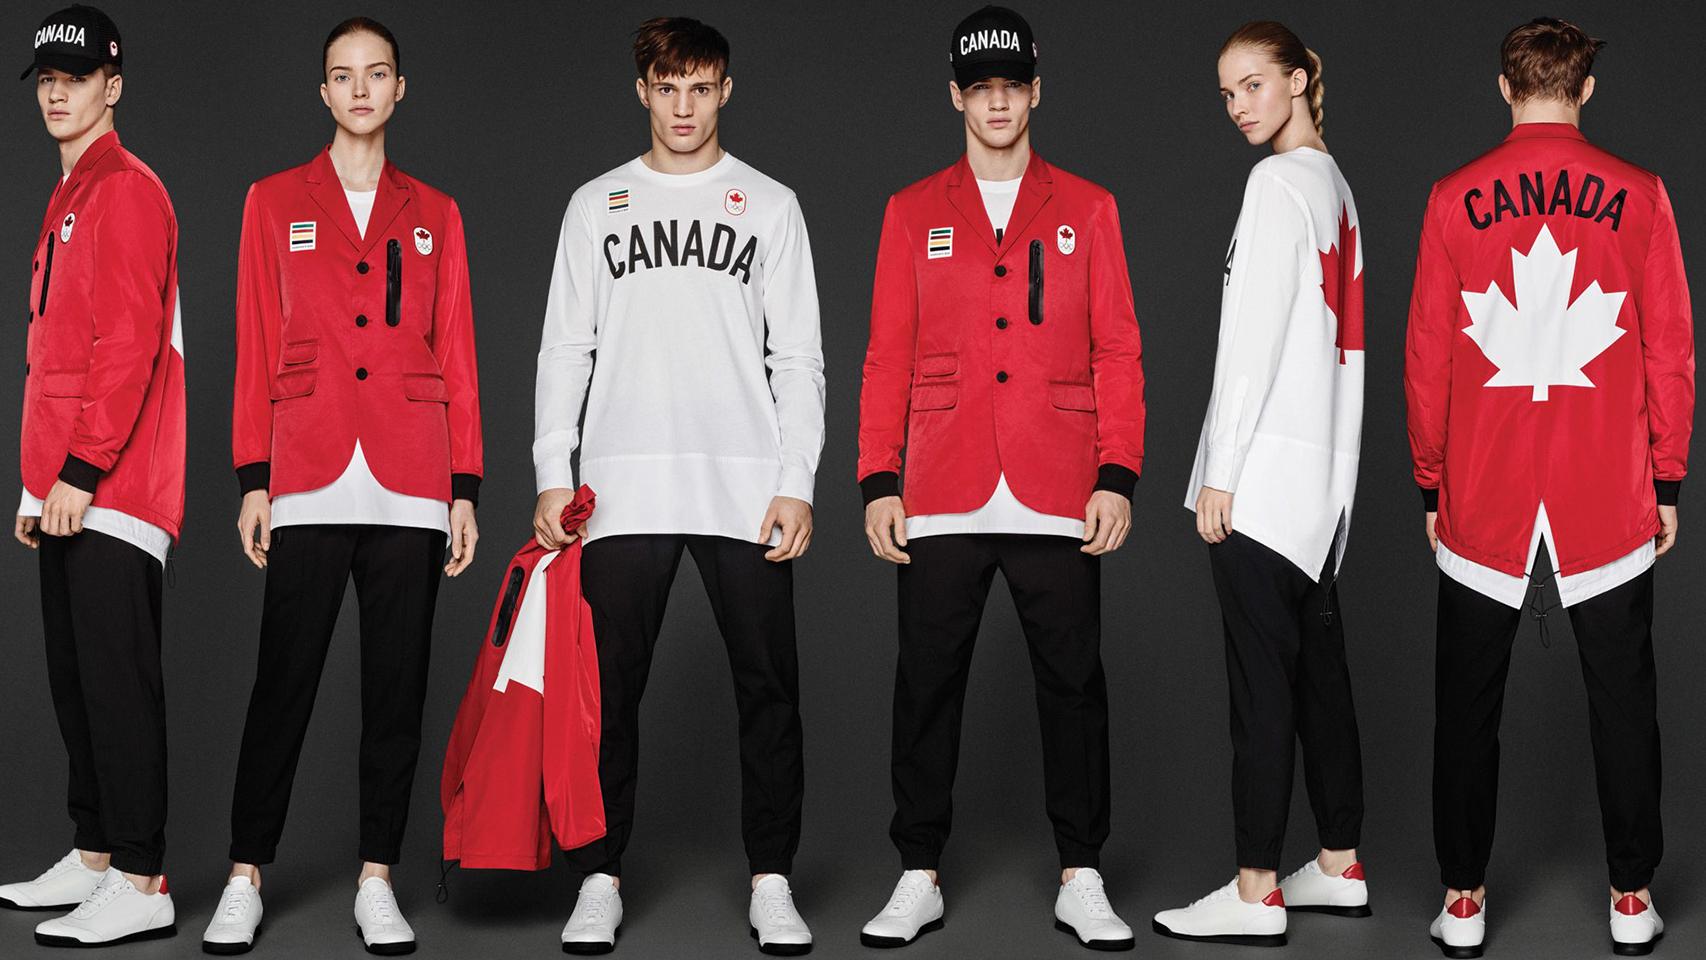 Dsqueared2 diseña la equipación de Canadá para los JJOO de Río 2016.